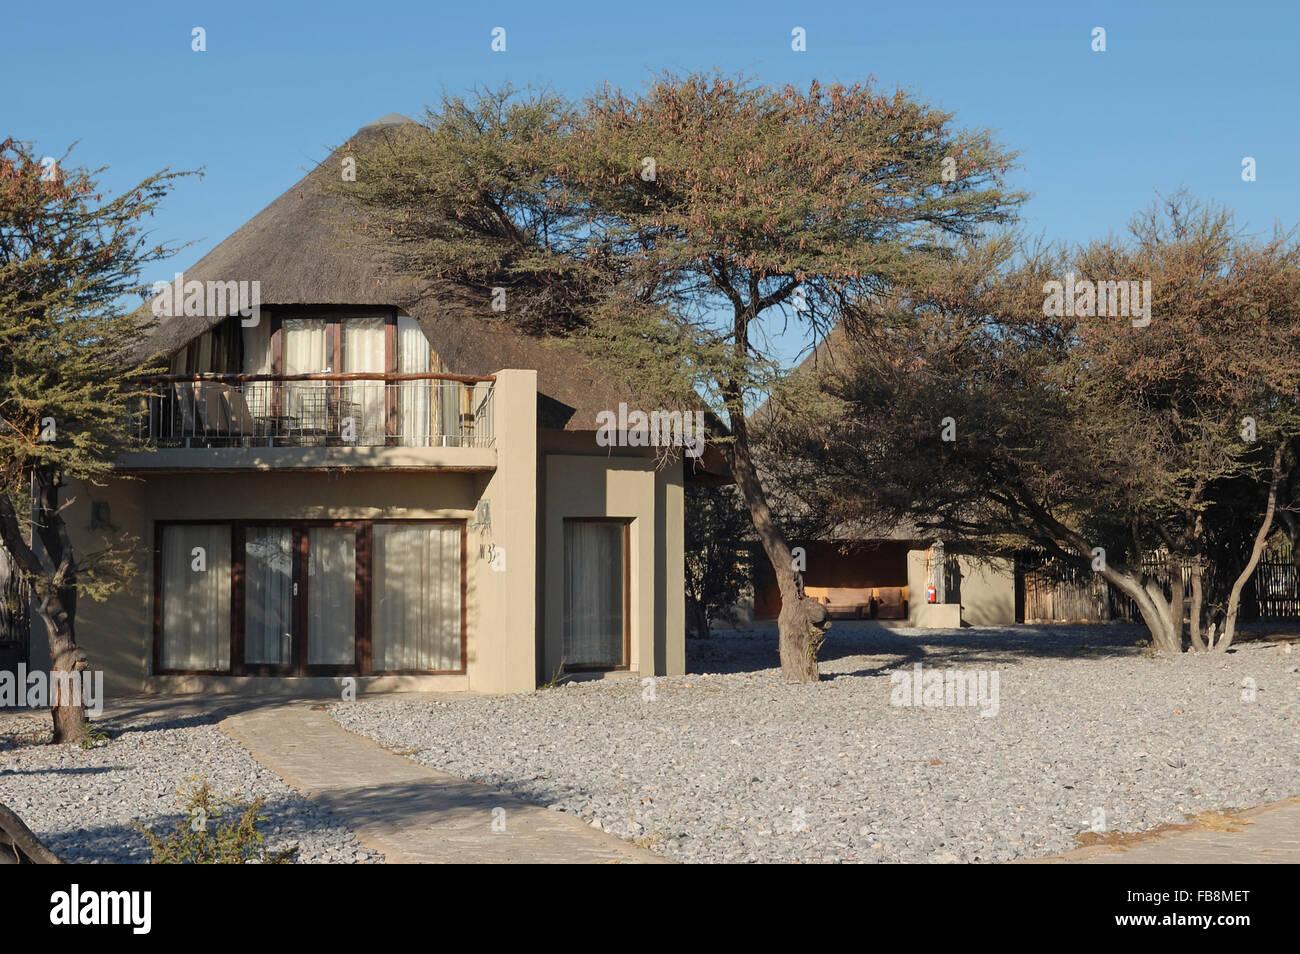 Luxury chalets, Okaukeujo Rest Camp, Etosha National Park, Namibia - Stock Image